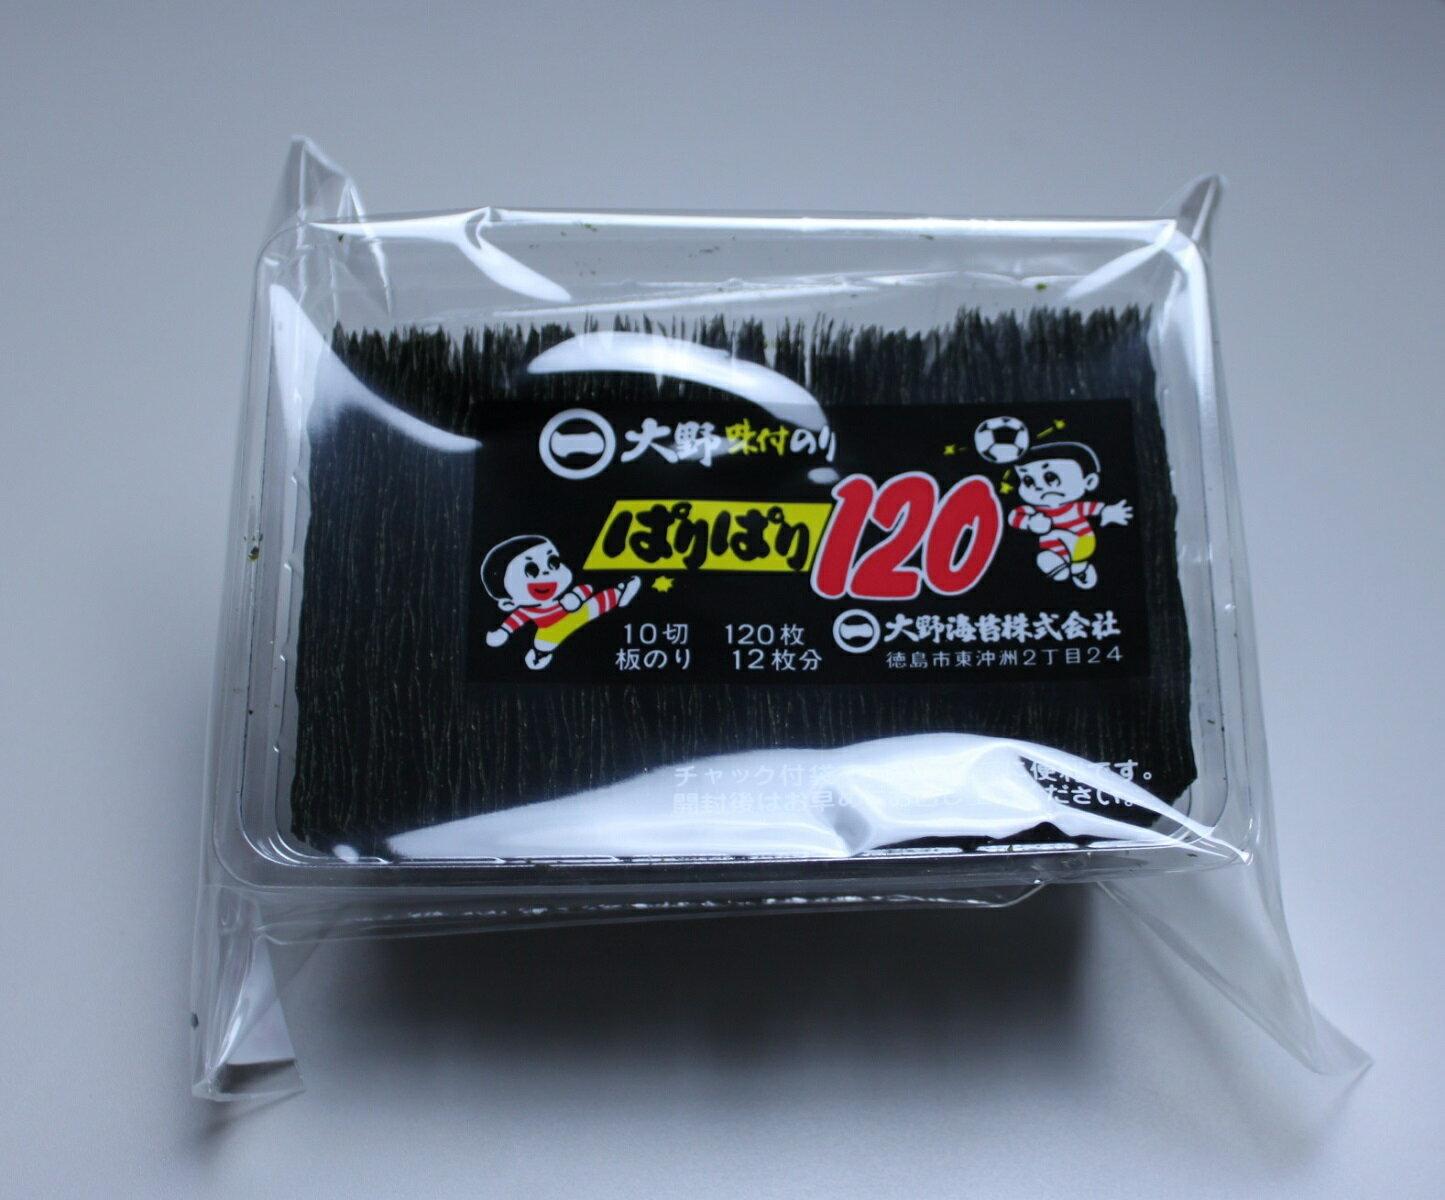 【味付け海苔】大野海苔 味付のり ぱりぱり 120 を 1ケース(15袋入)徳島名産!